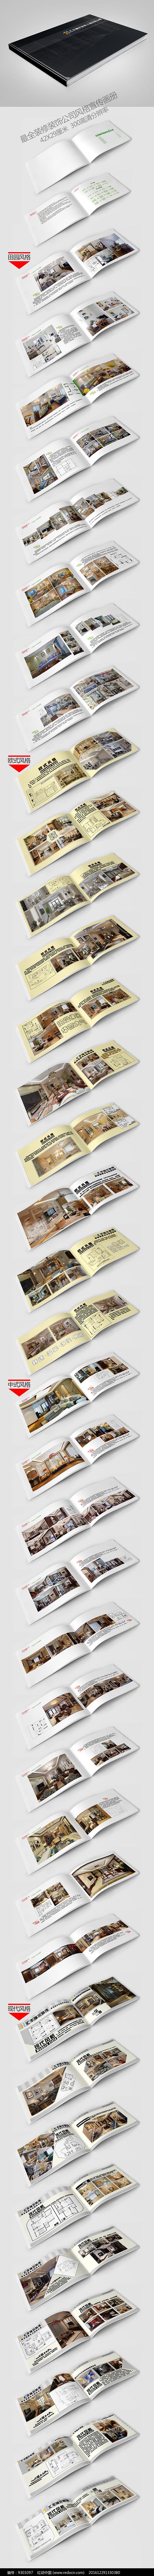 最全装饰装修公司风格案例画册图片